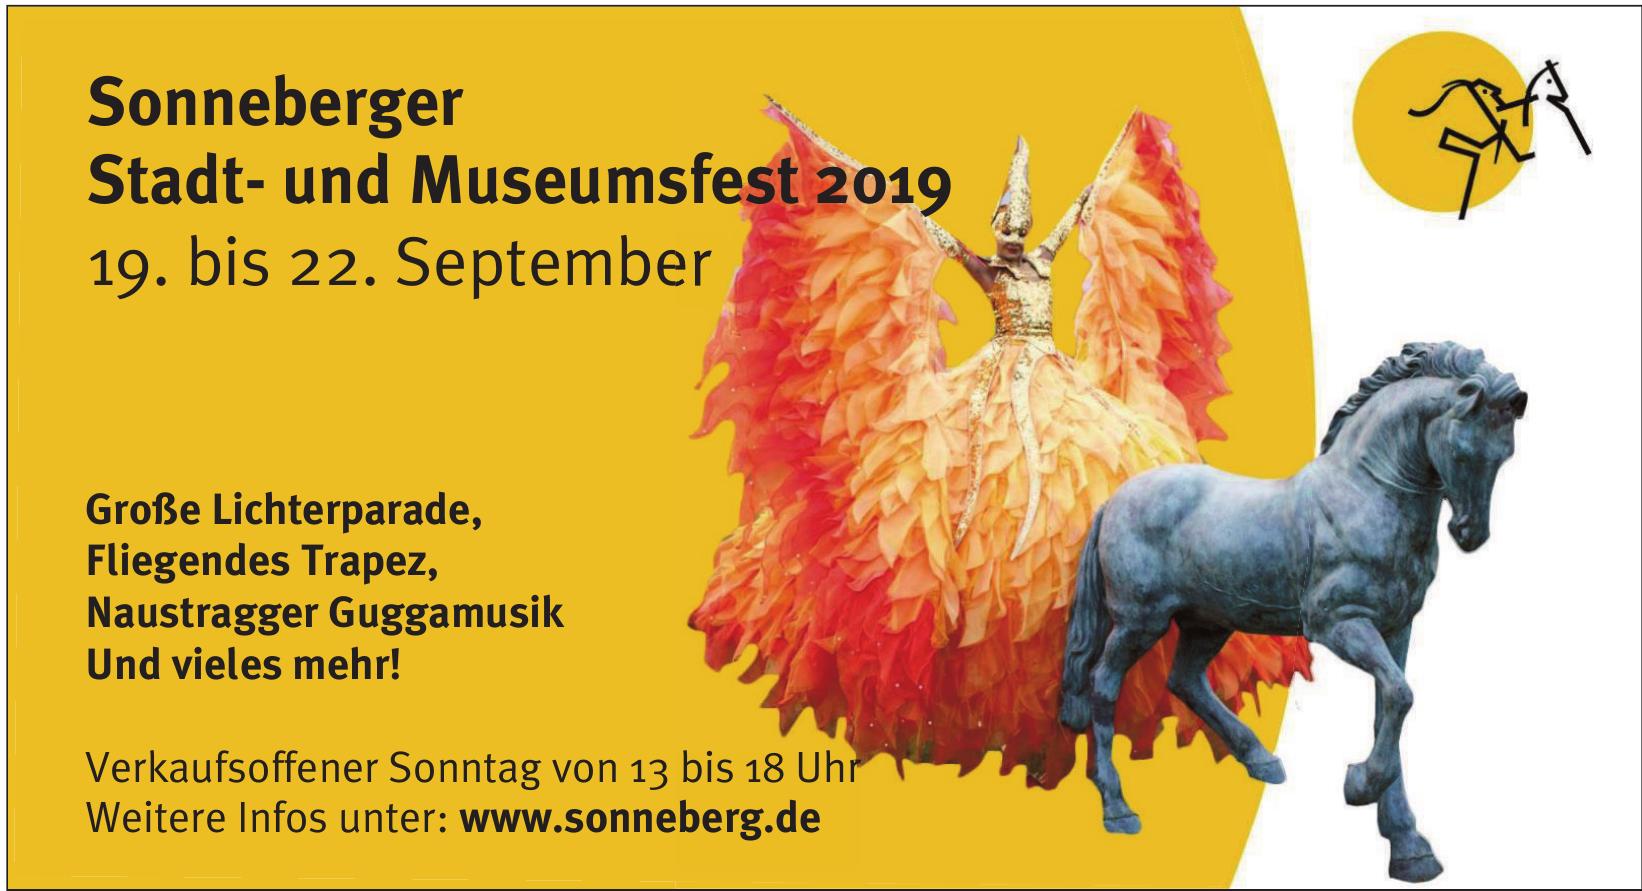 Sonneberger Stadt- und Museumsfest 2019